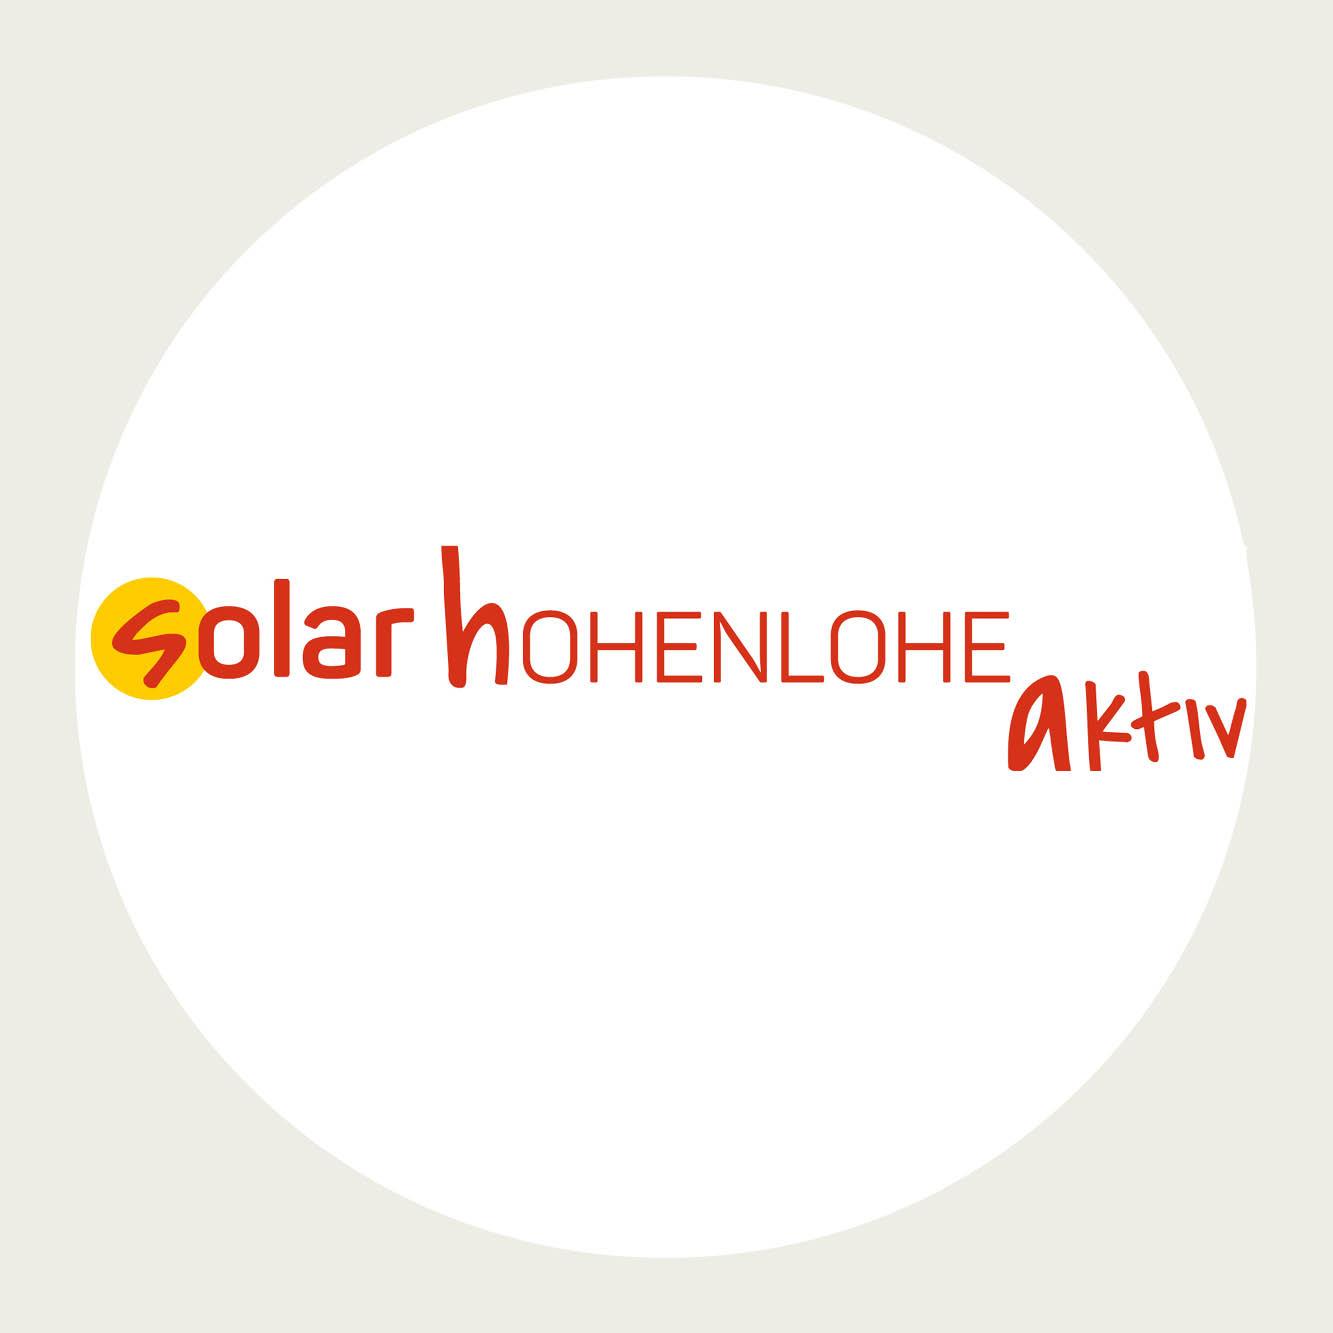 Logo SolarHohenloheAktiv